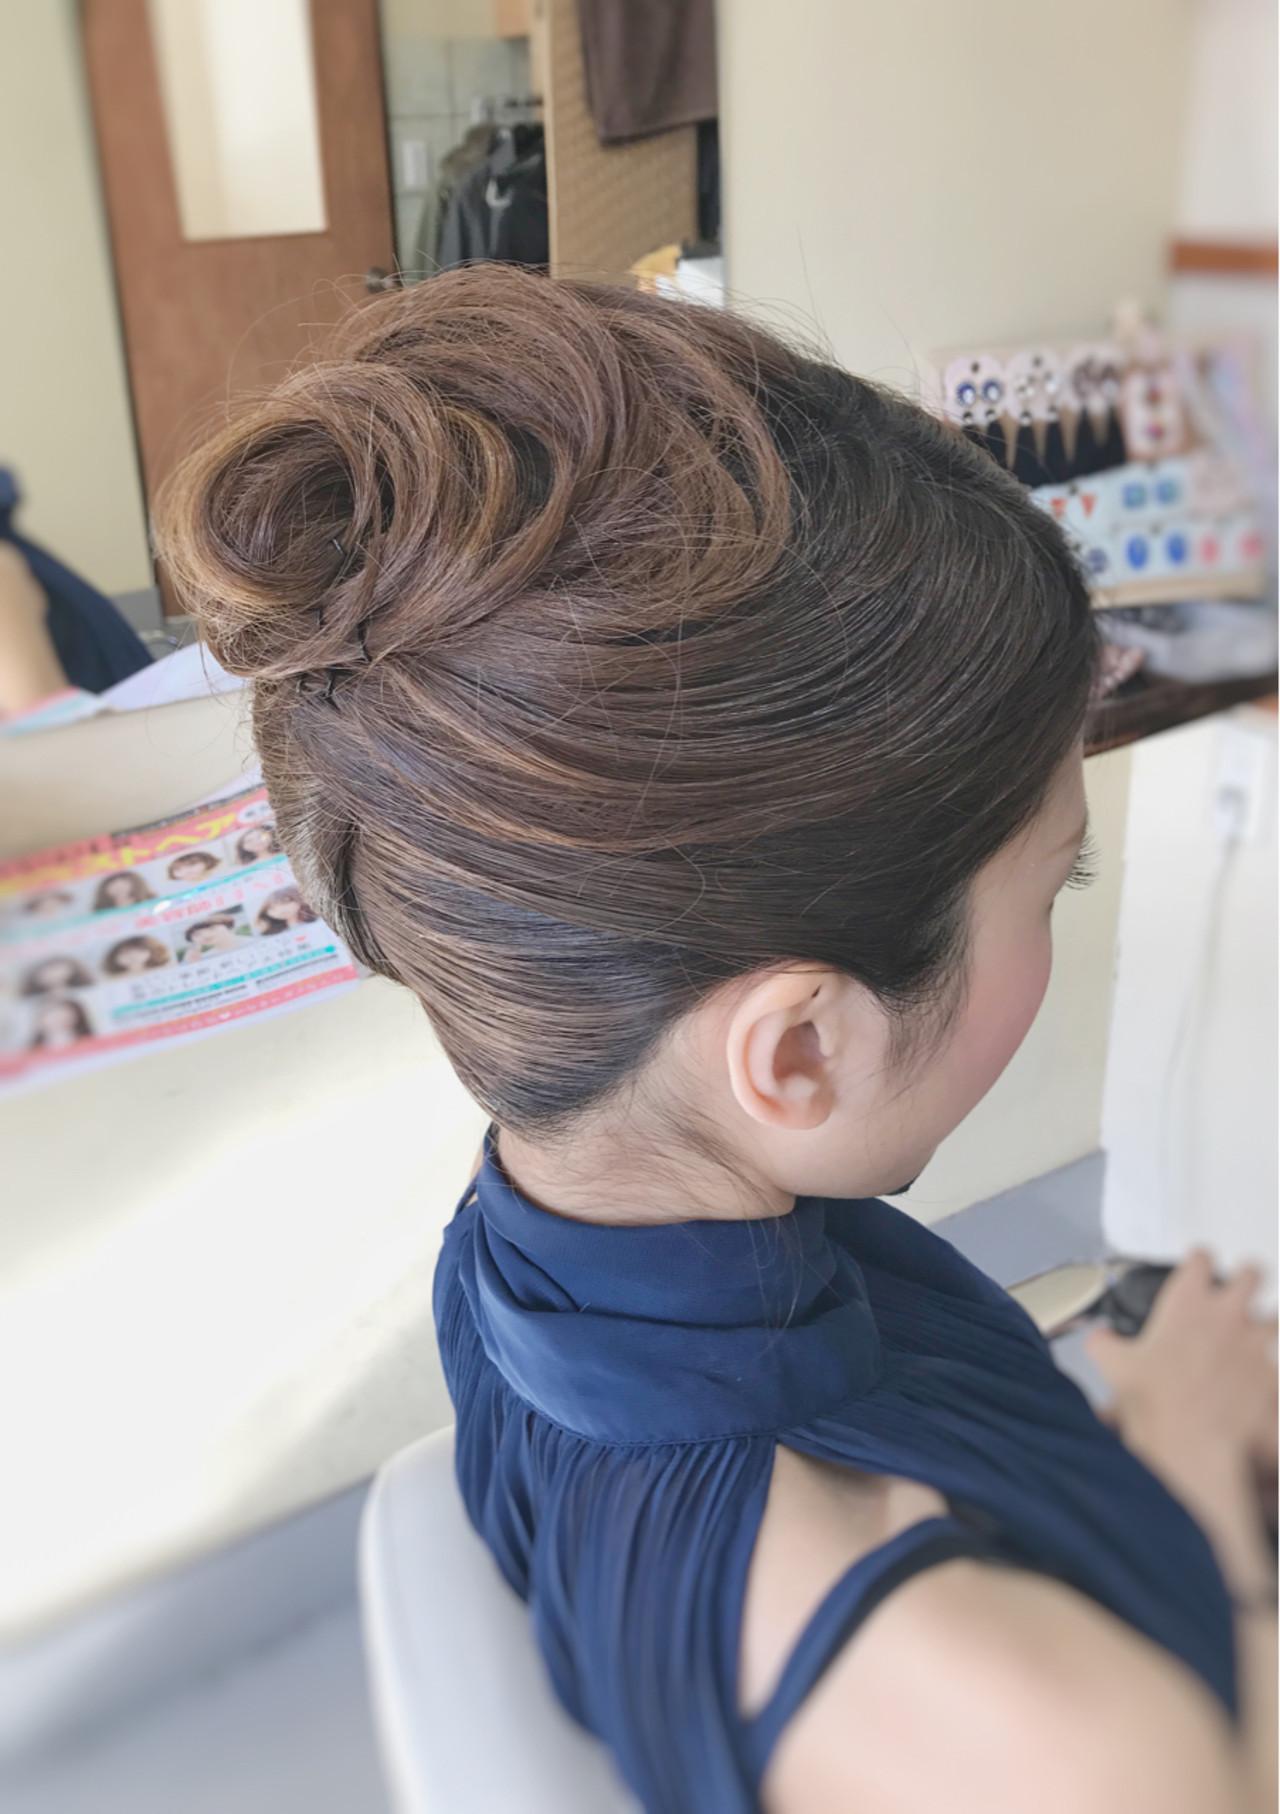 まとめ髪ならエレガントに色気がUP! サワ | PONY